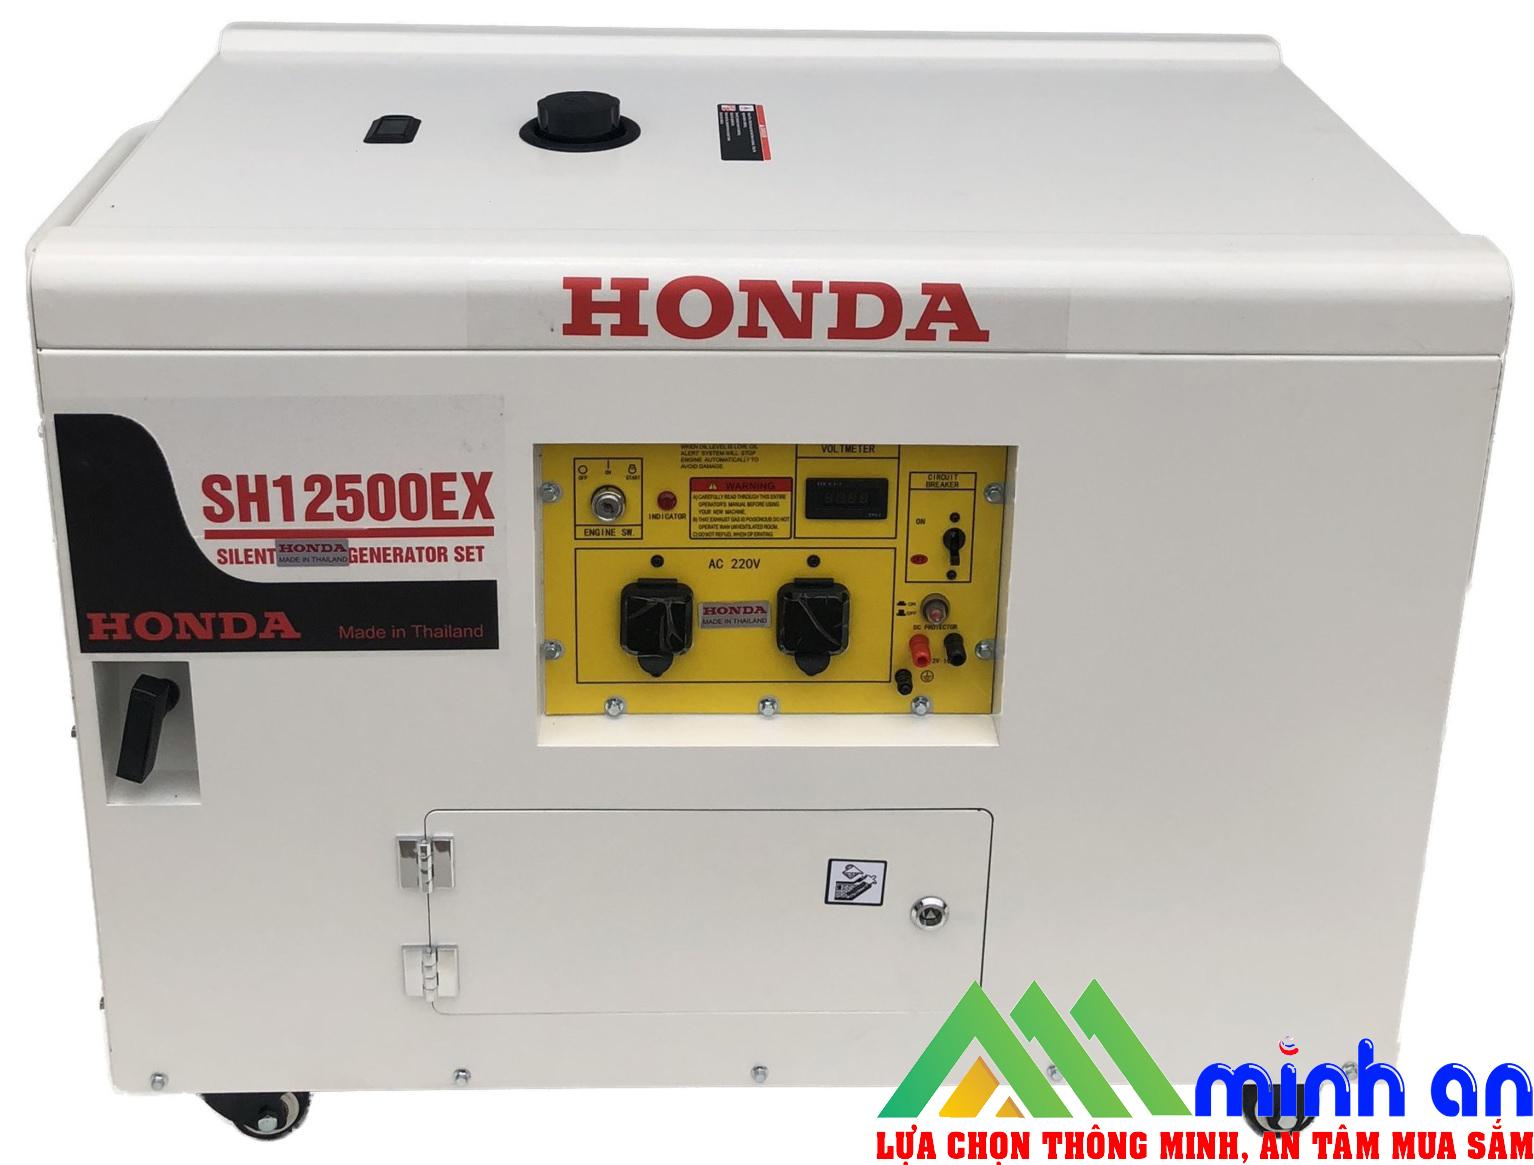 Máy phát điện Honda SH 12500EX nắp bụng